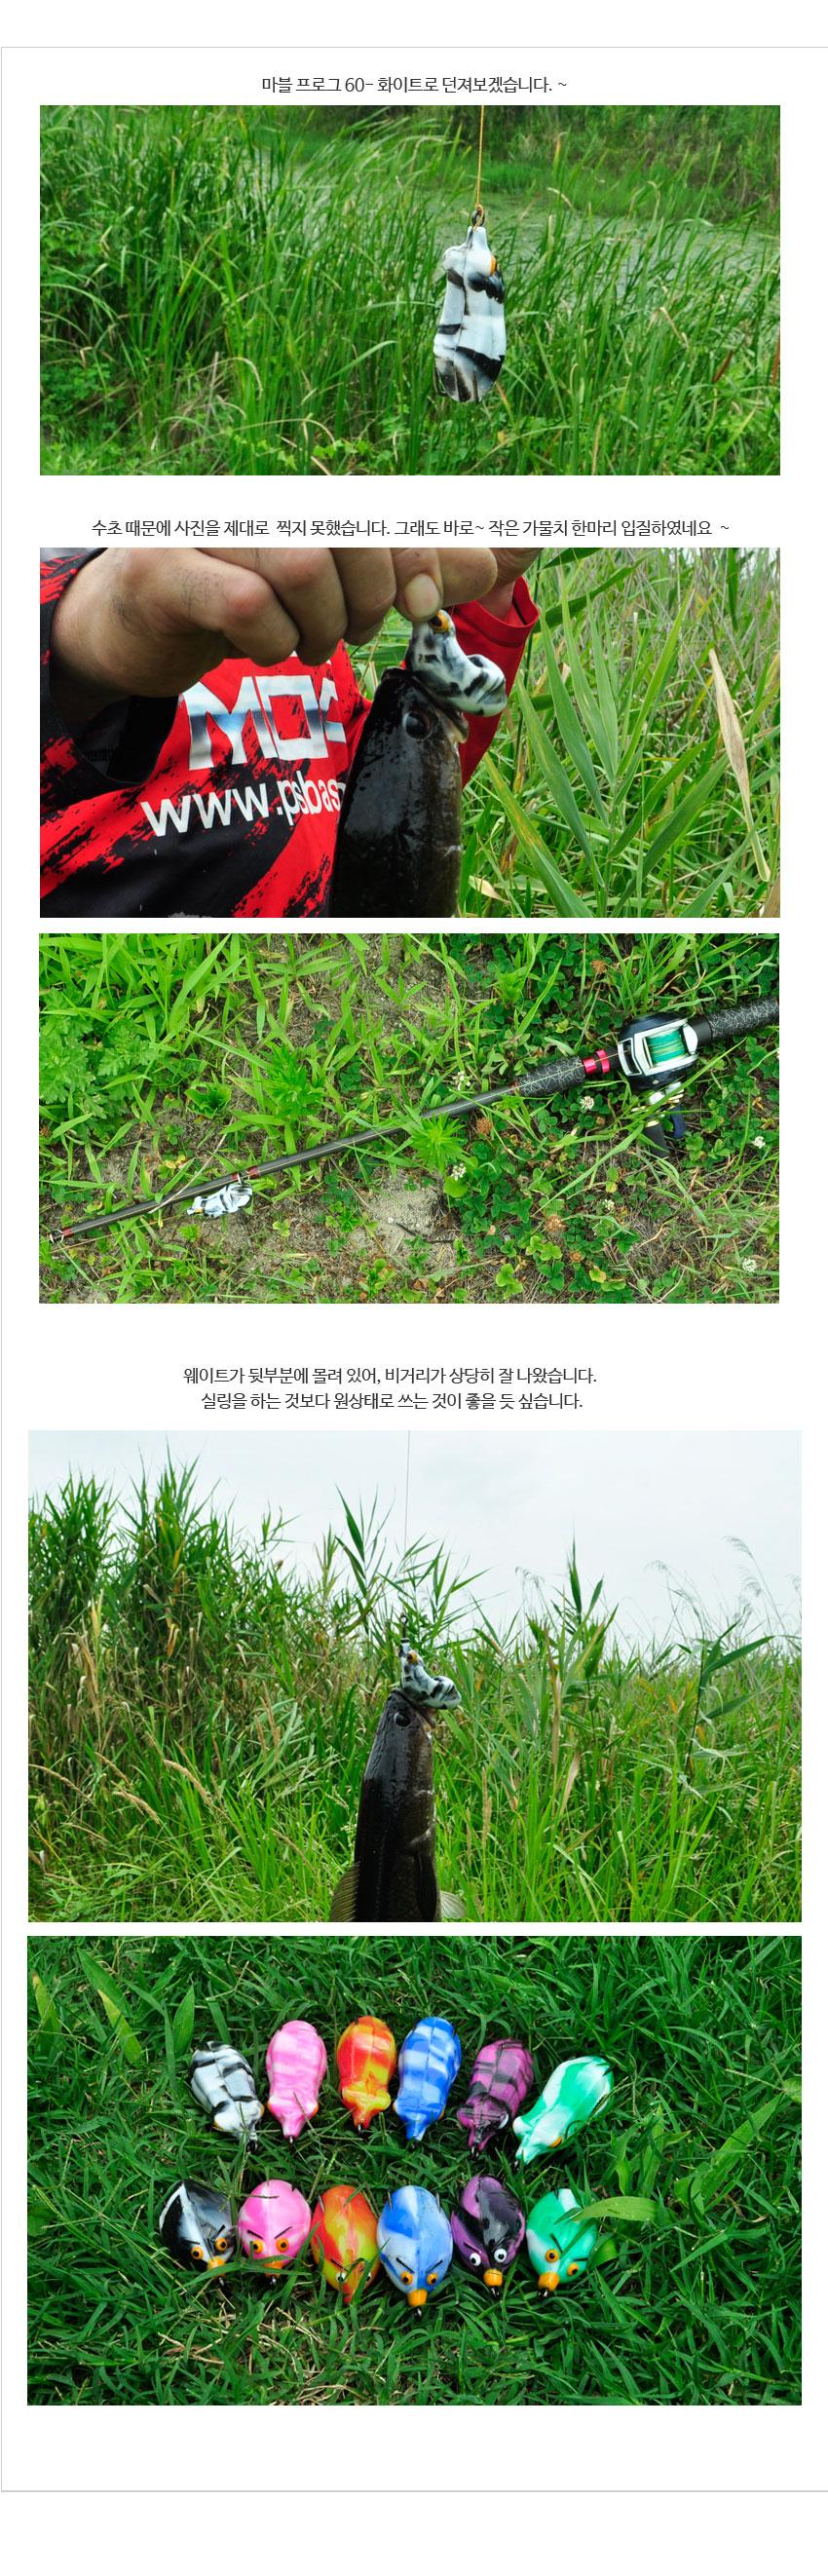 블루힐 마블링 가물치용 프로그 (MV60) 마블링프로그 마블링개구리 가물치프로그 흑어 스네이크헤드 가물치루어